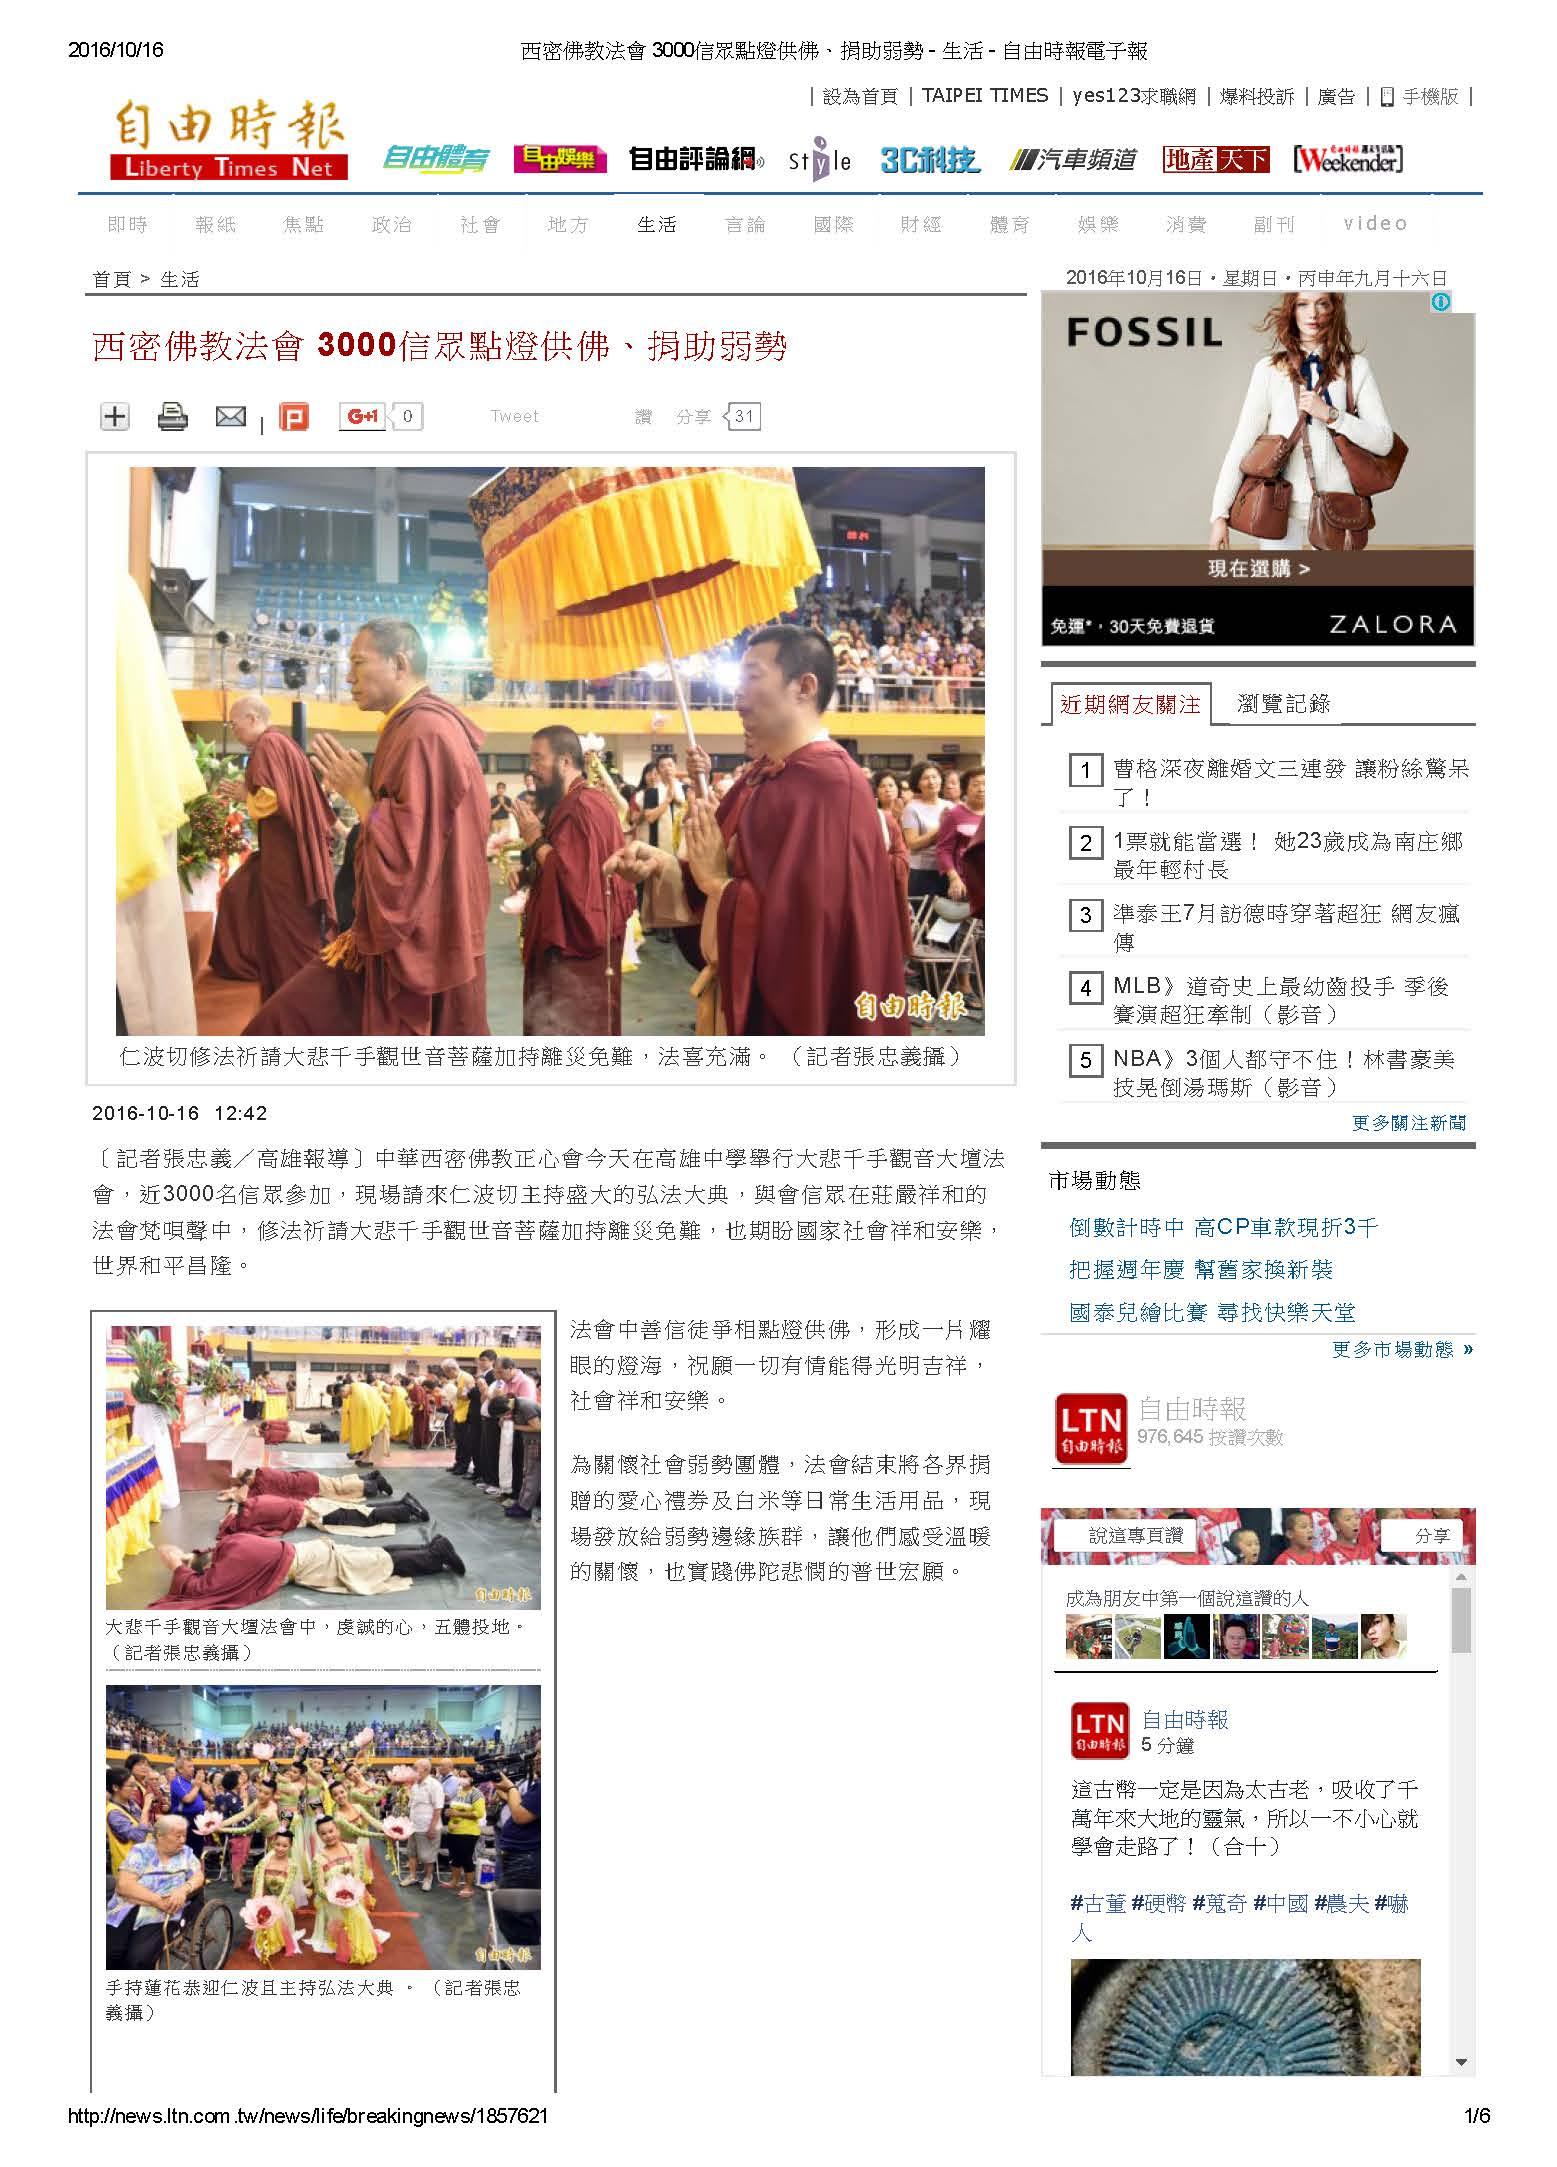 佛教法會 3000信眾點燈供佛、捐助弱勢